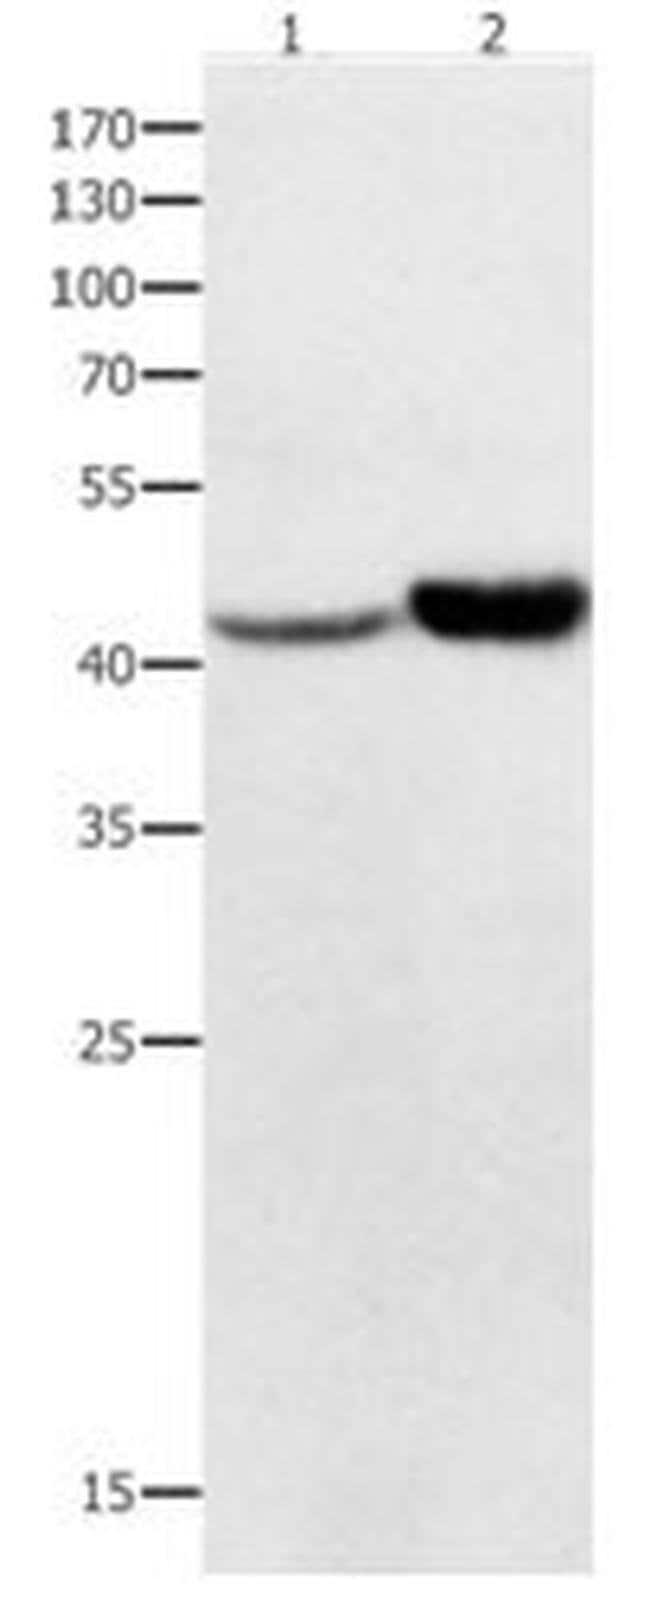 NFKBID Rabbit anti-Human, Polyclonal, Invitrogen 100 µL; Unconjugated